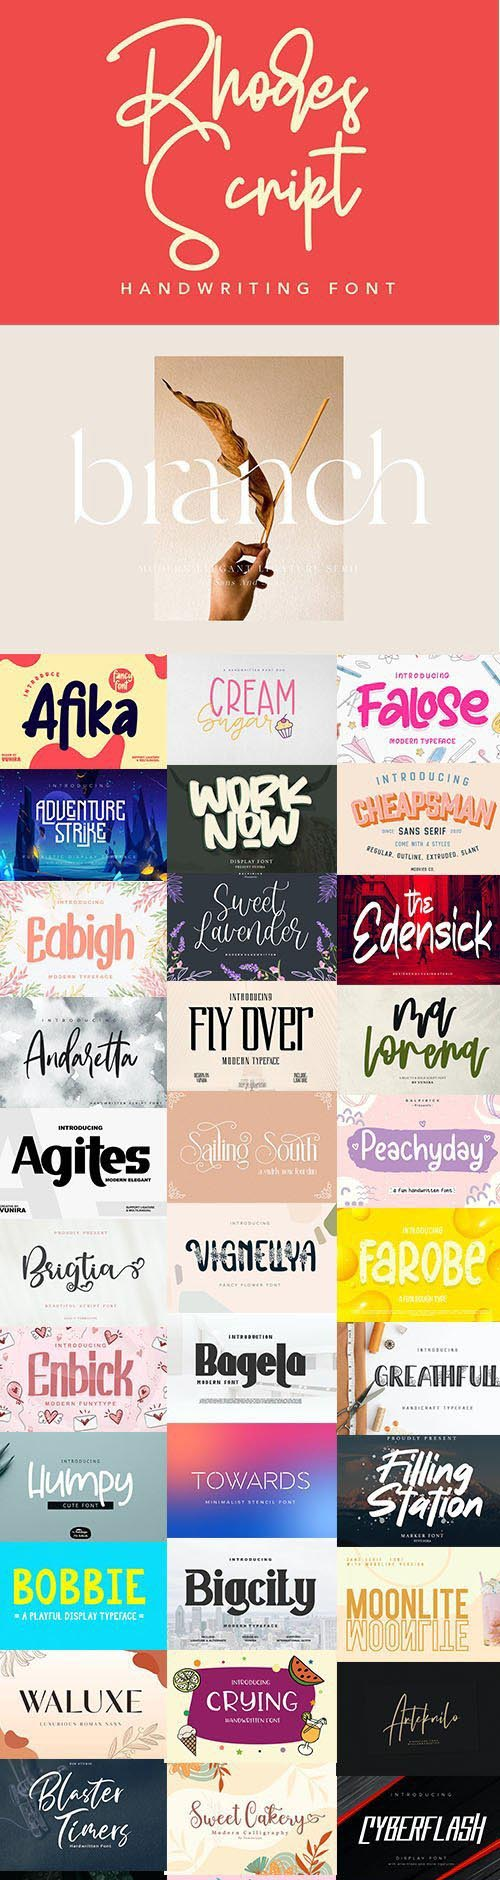 Super Fonts Pack Vol.1 [Aug/2020] - 38 Fonts